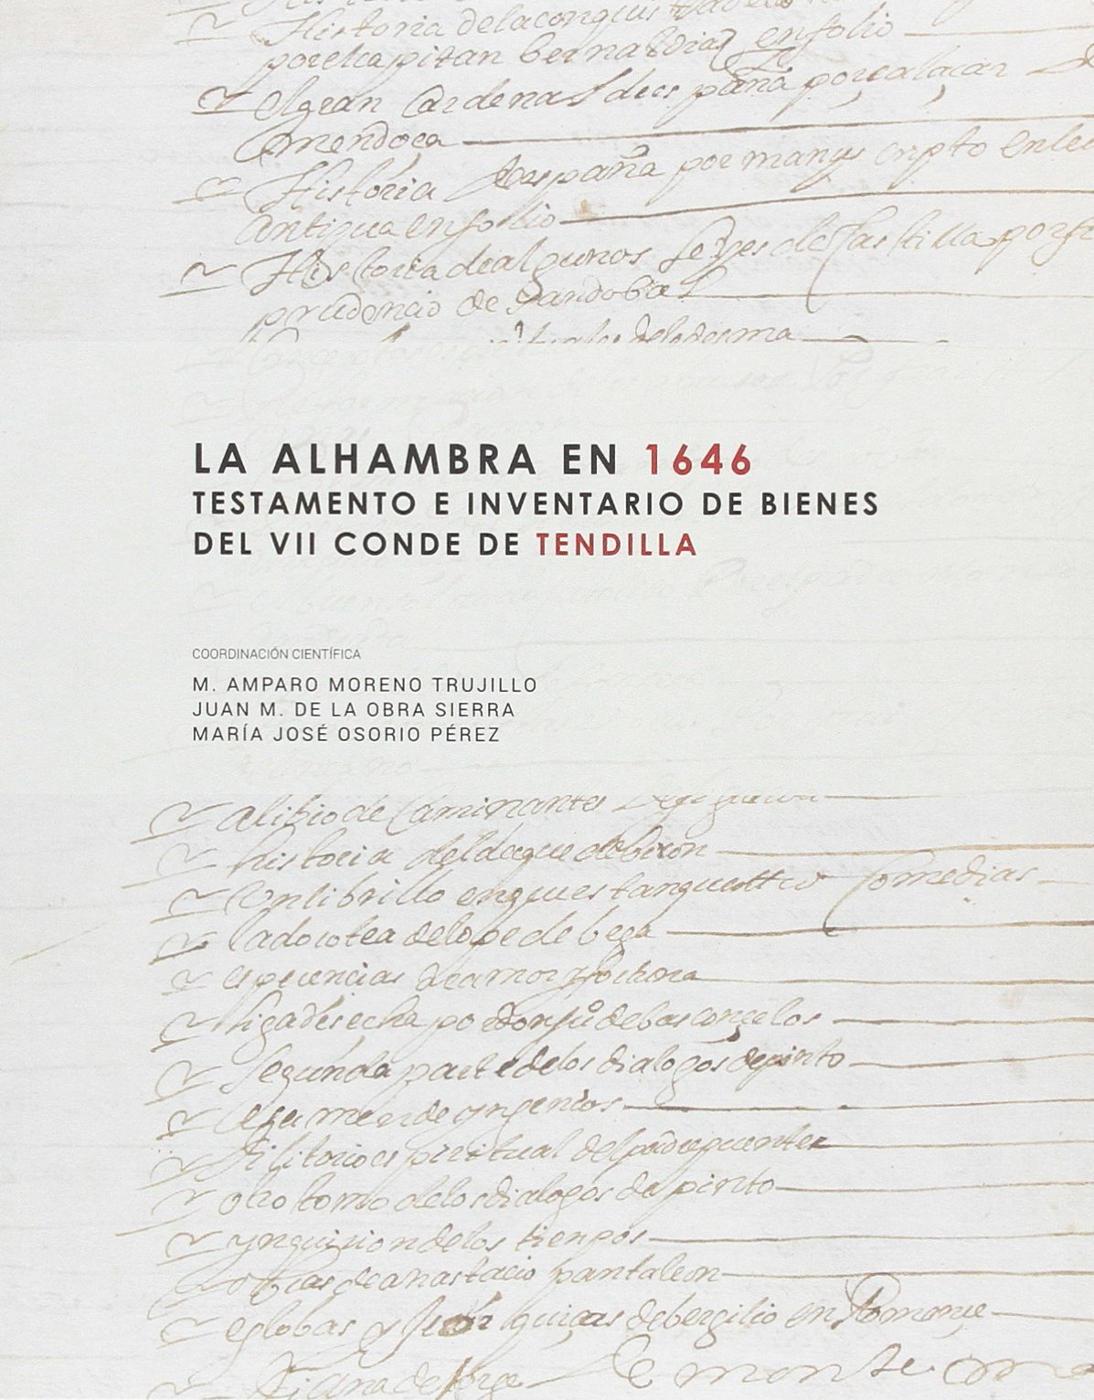 La Alhambra en 1646. Testamento e inventario de bienes del Conde de Tendilla